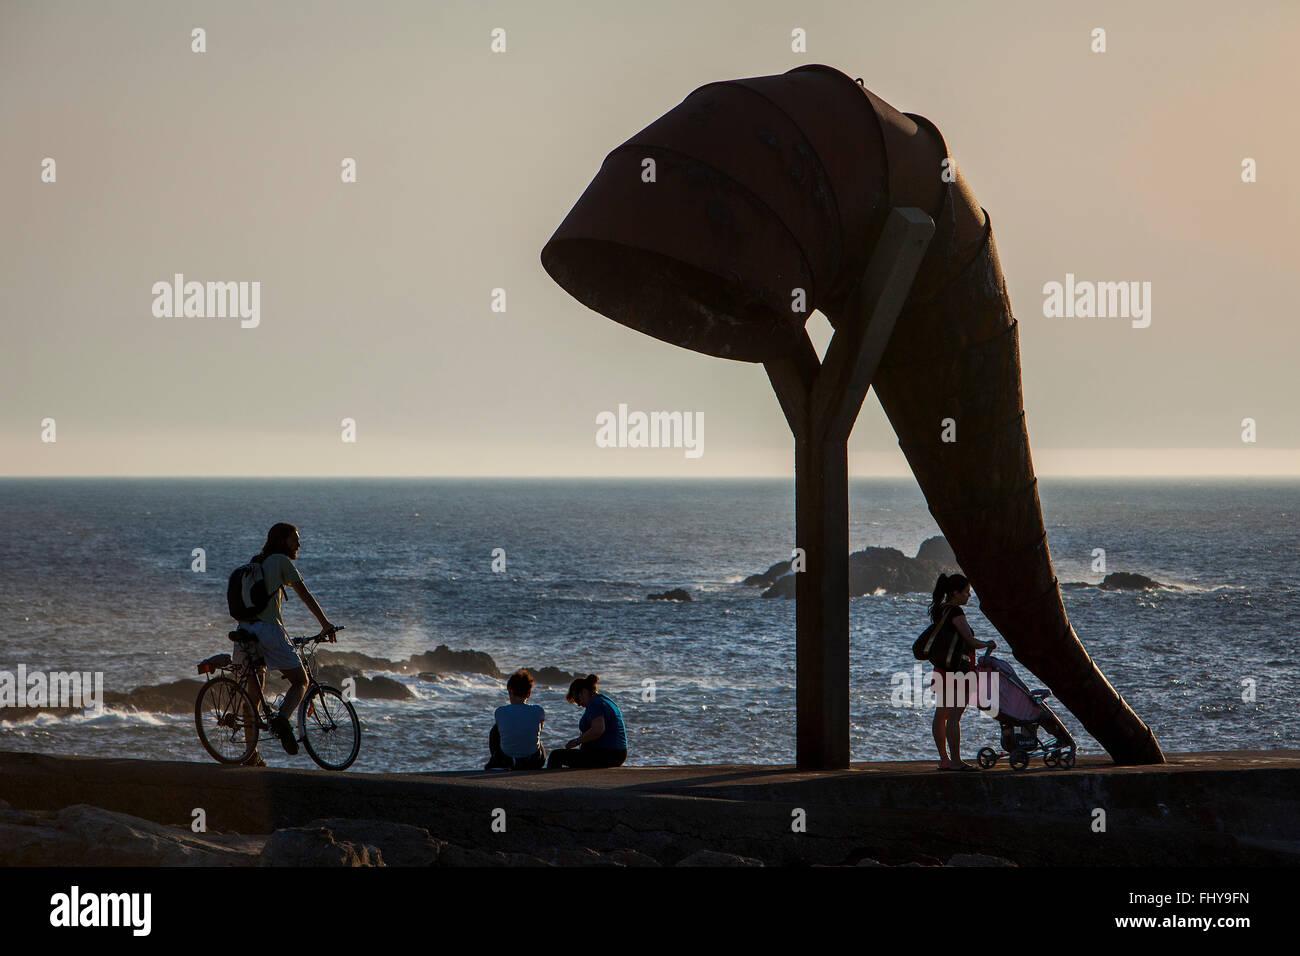 Caracola, caracol, por Moncho Amigo, la ciudad de A Coruña, Galicia, España Imagen De Stock